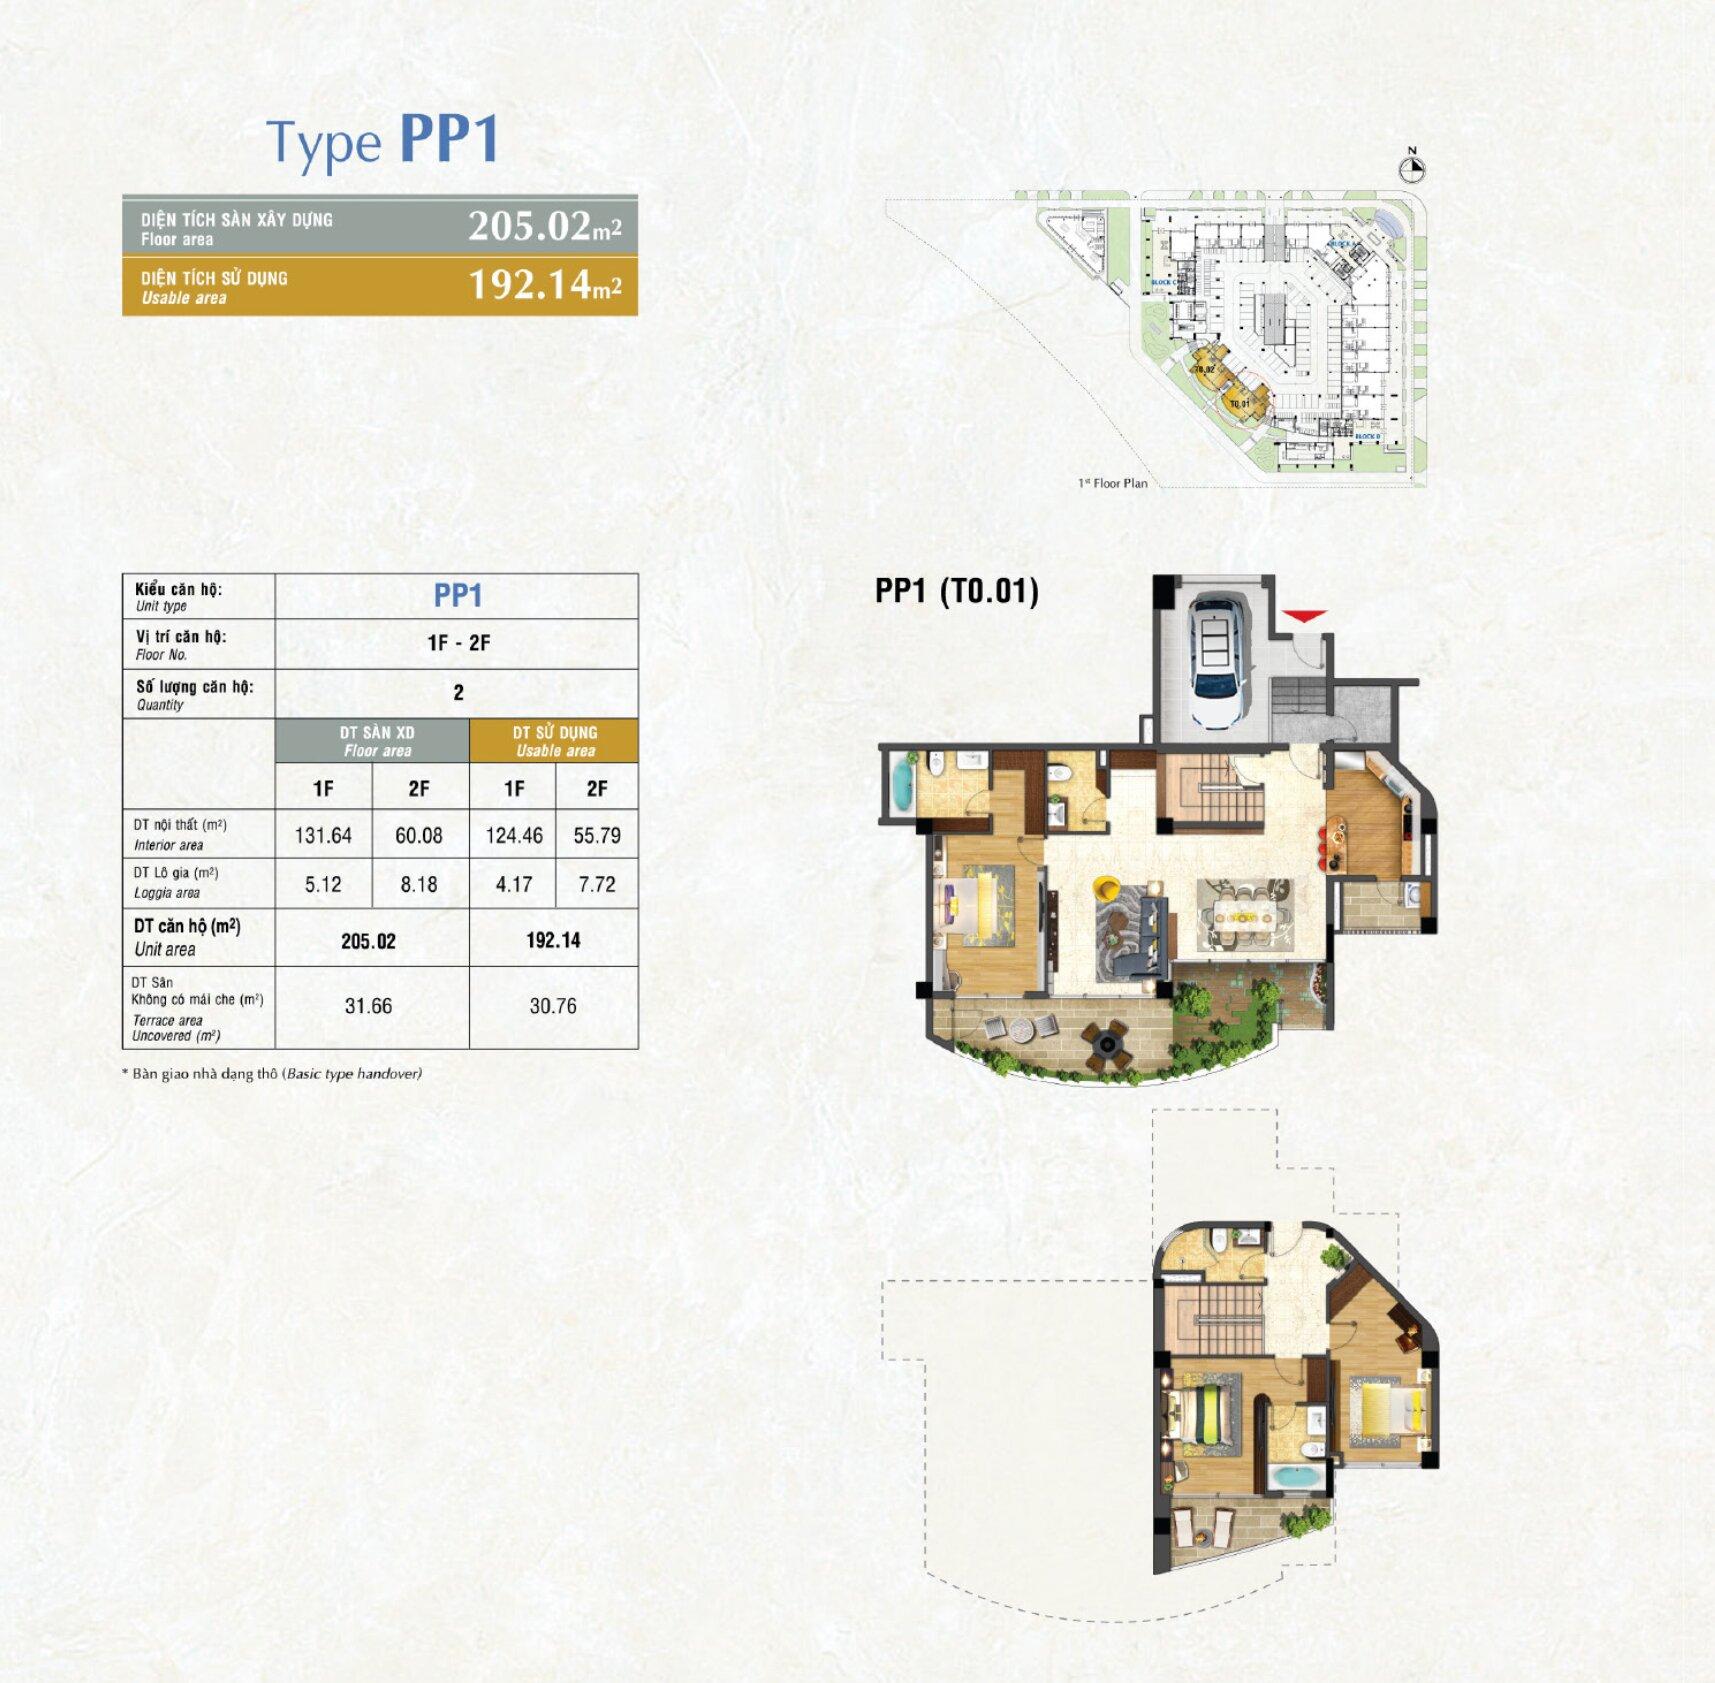 Type PP1